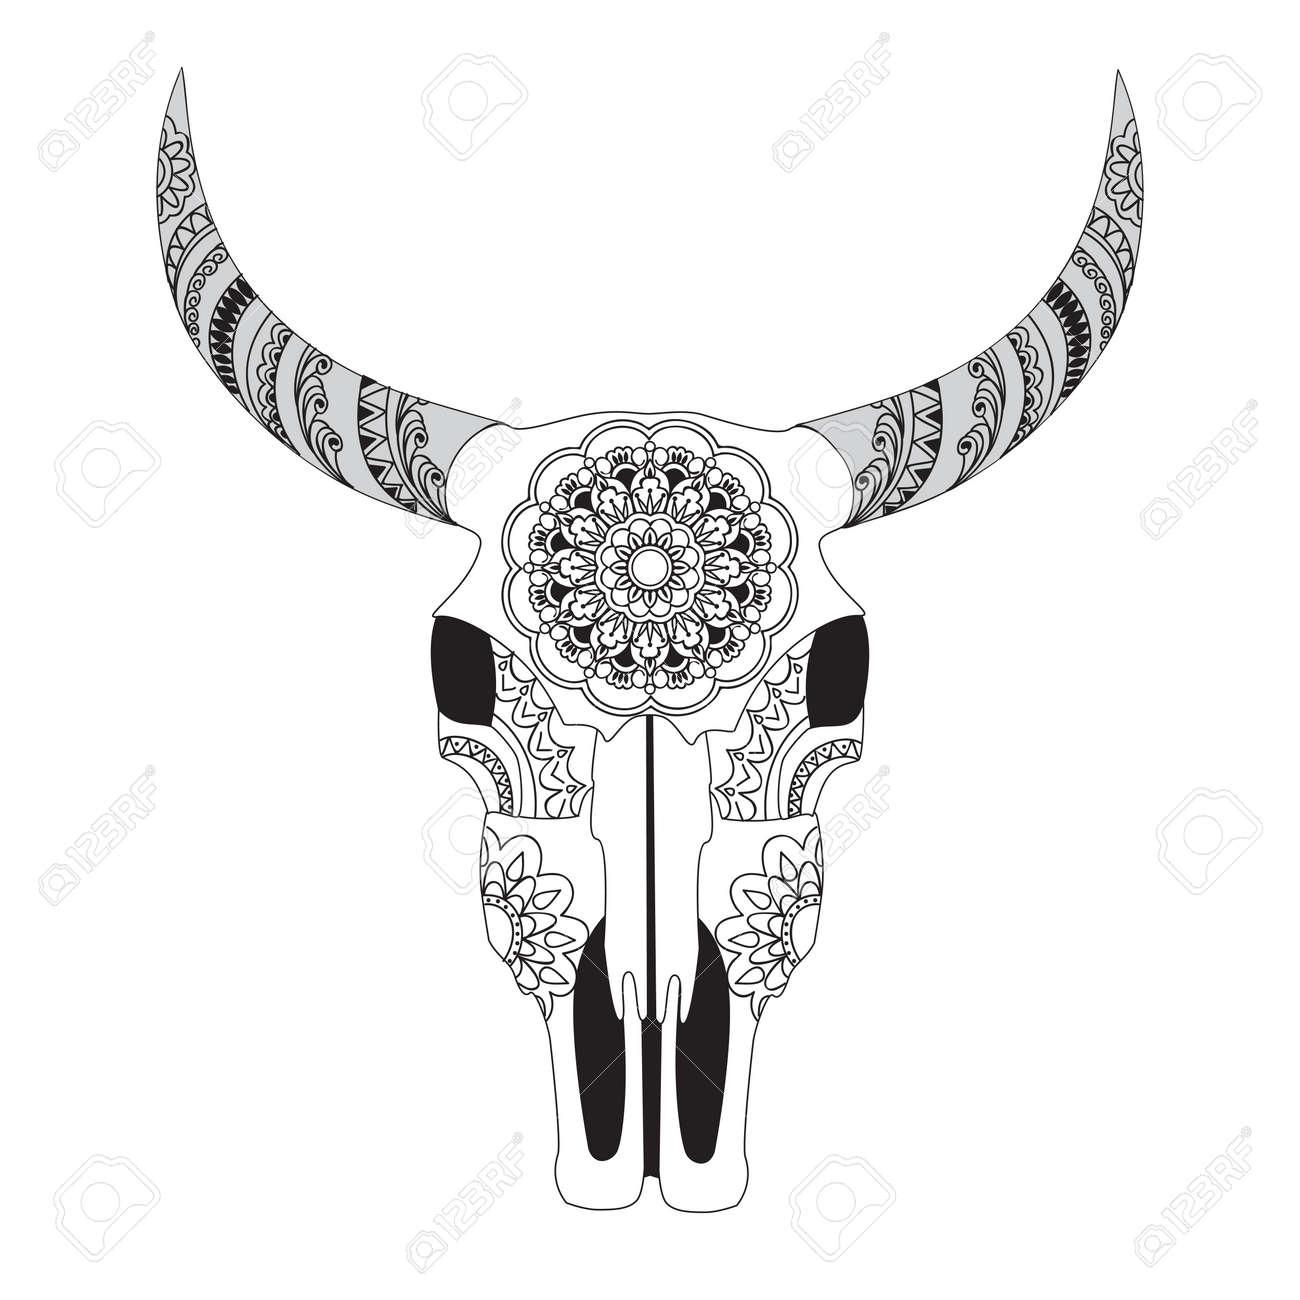 Coloriage De Mandala De Vache.Hand Drawn Crane De Vache Decoree Avec Mandala Isole Sur Blanc Le